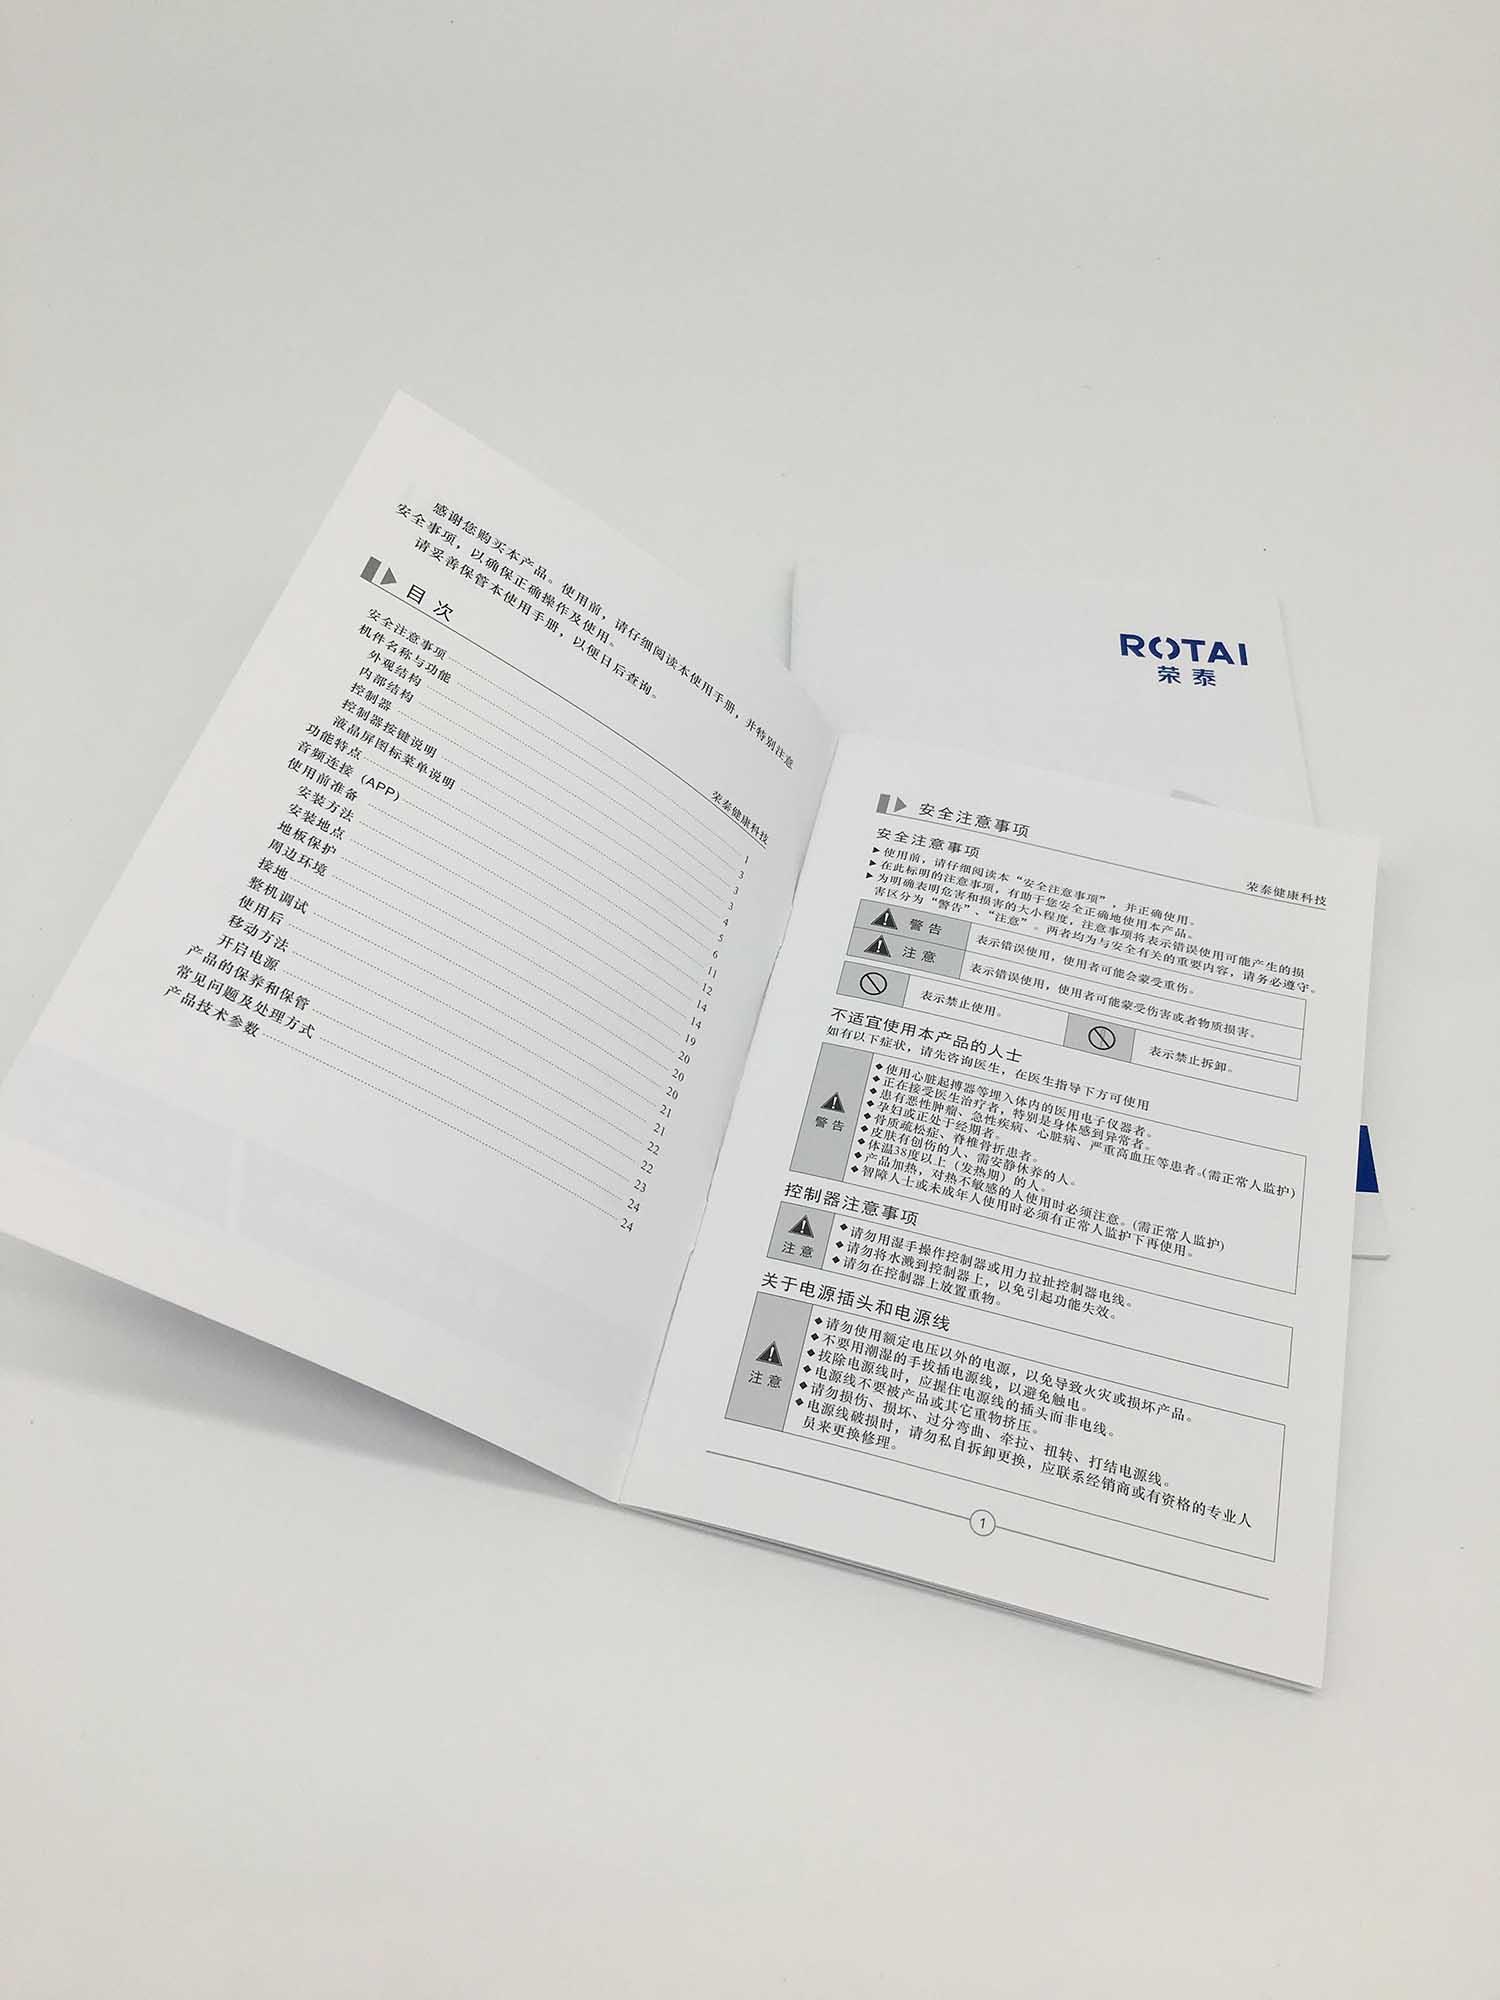 嘉陵企业宣传册印刷设计